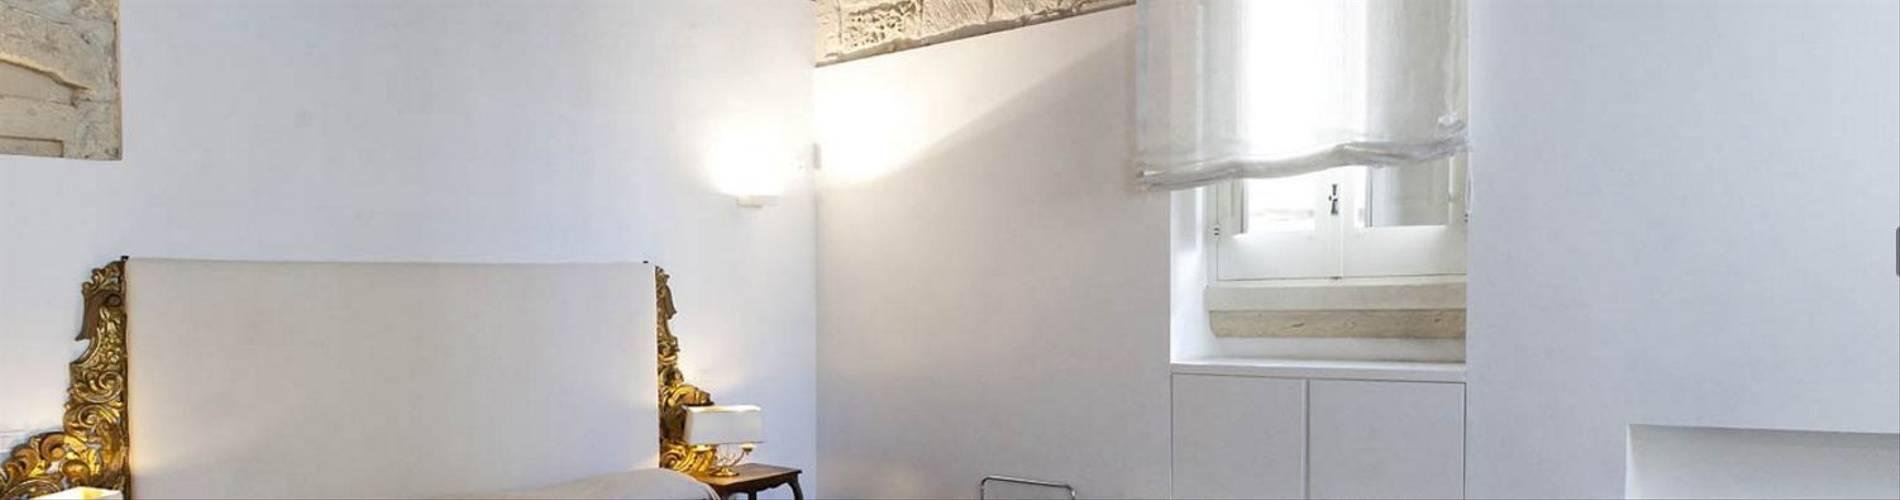 Palazzo Persone, Puglia, Italy, Deluxe Room.JPG